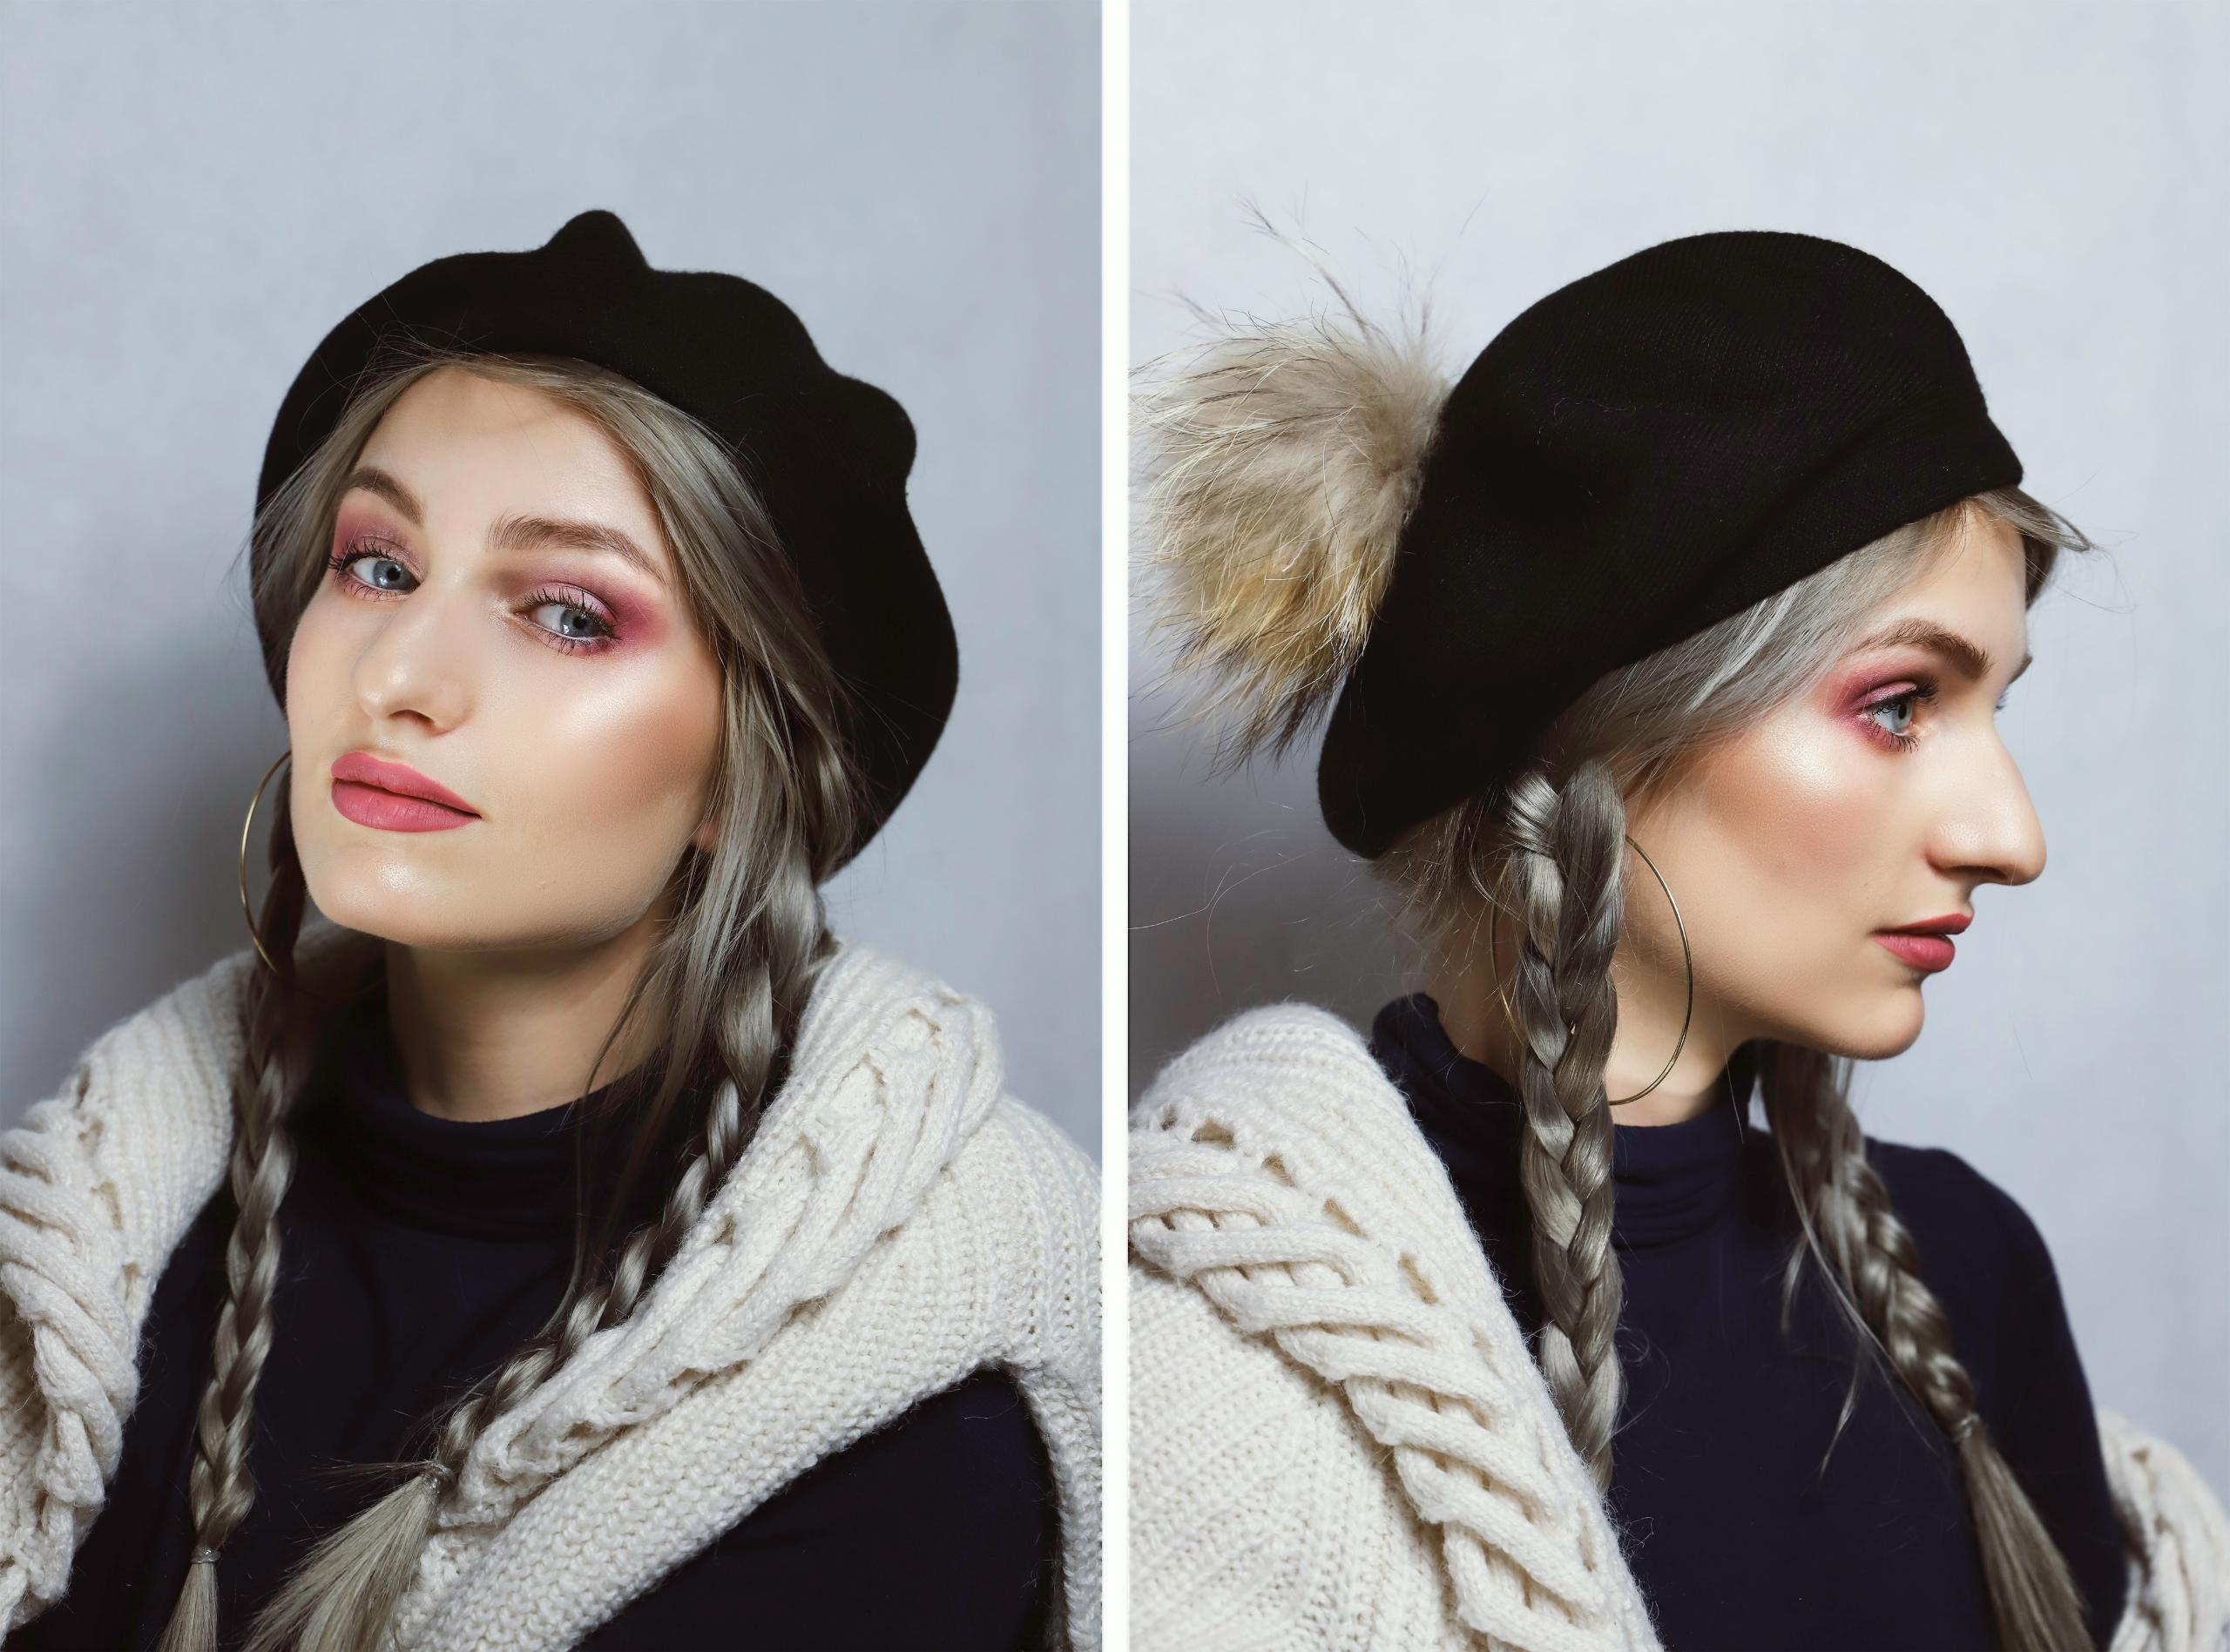 Obraz przedstawia dwa zdjęcia kobiety w warkoczykach z czarnym beretem na głowie.